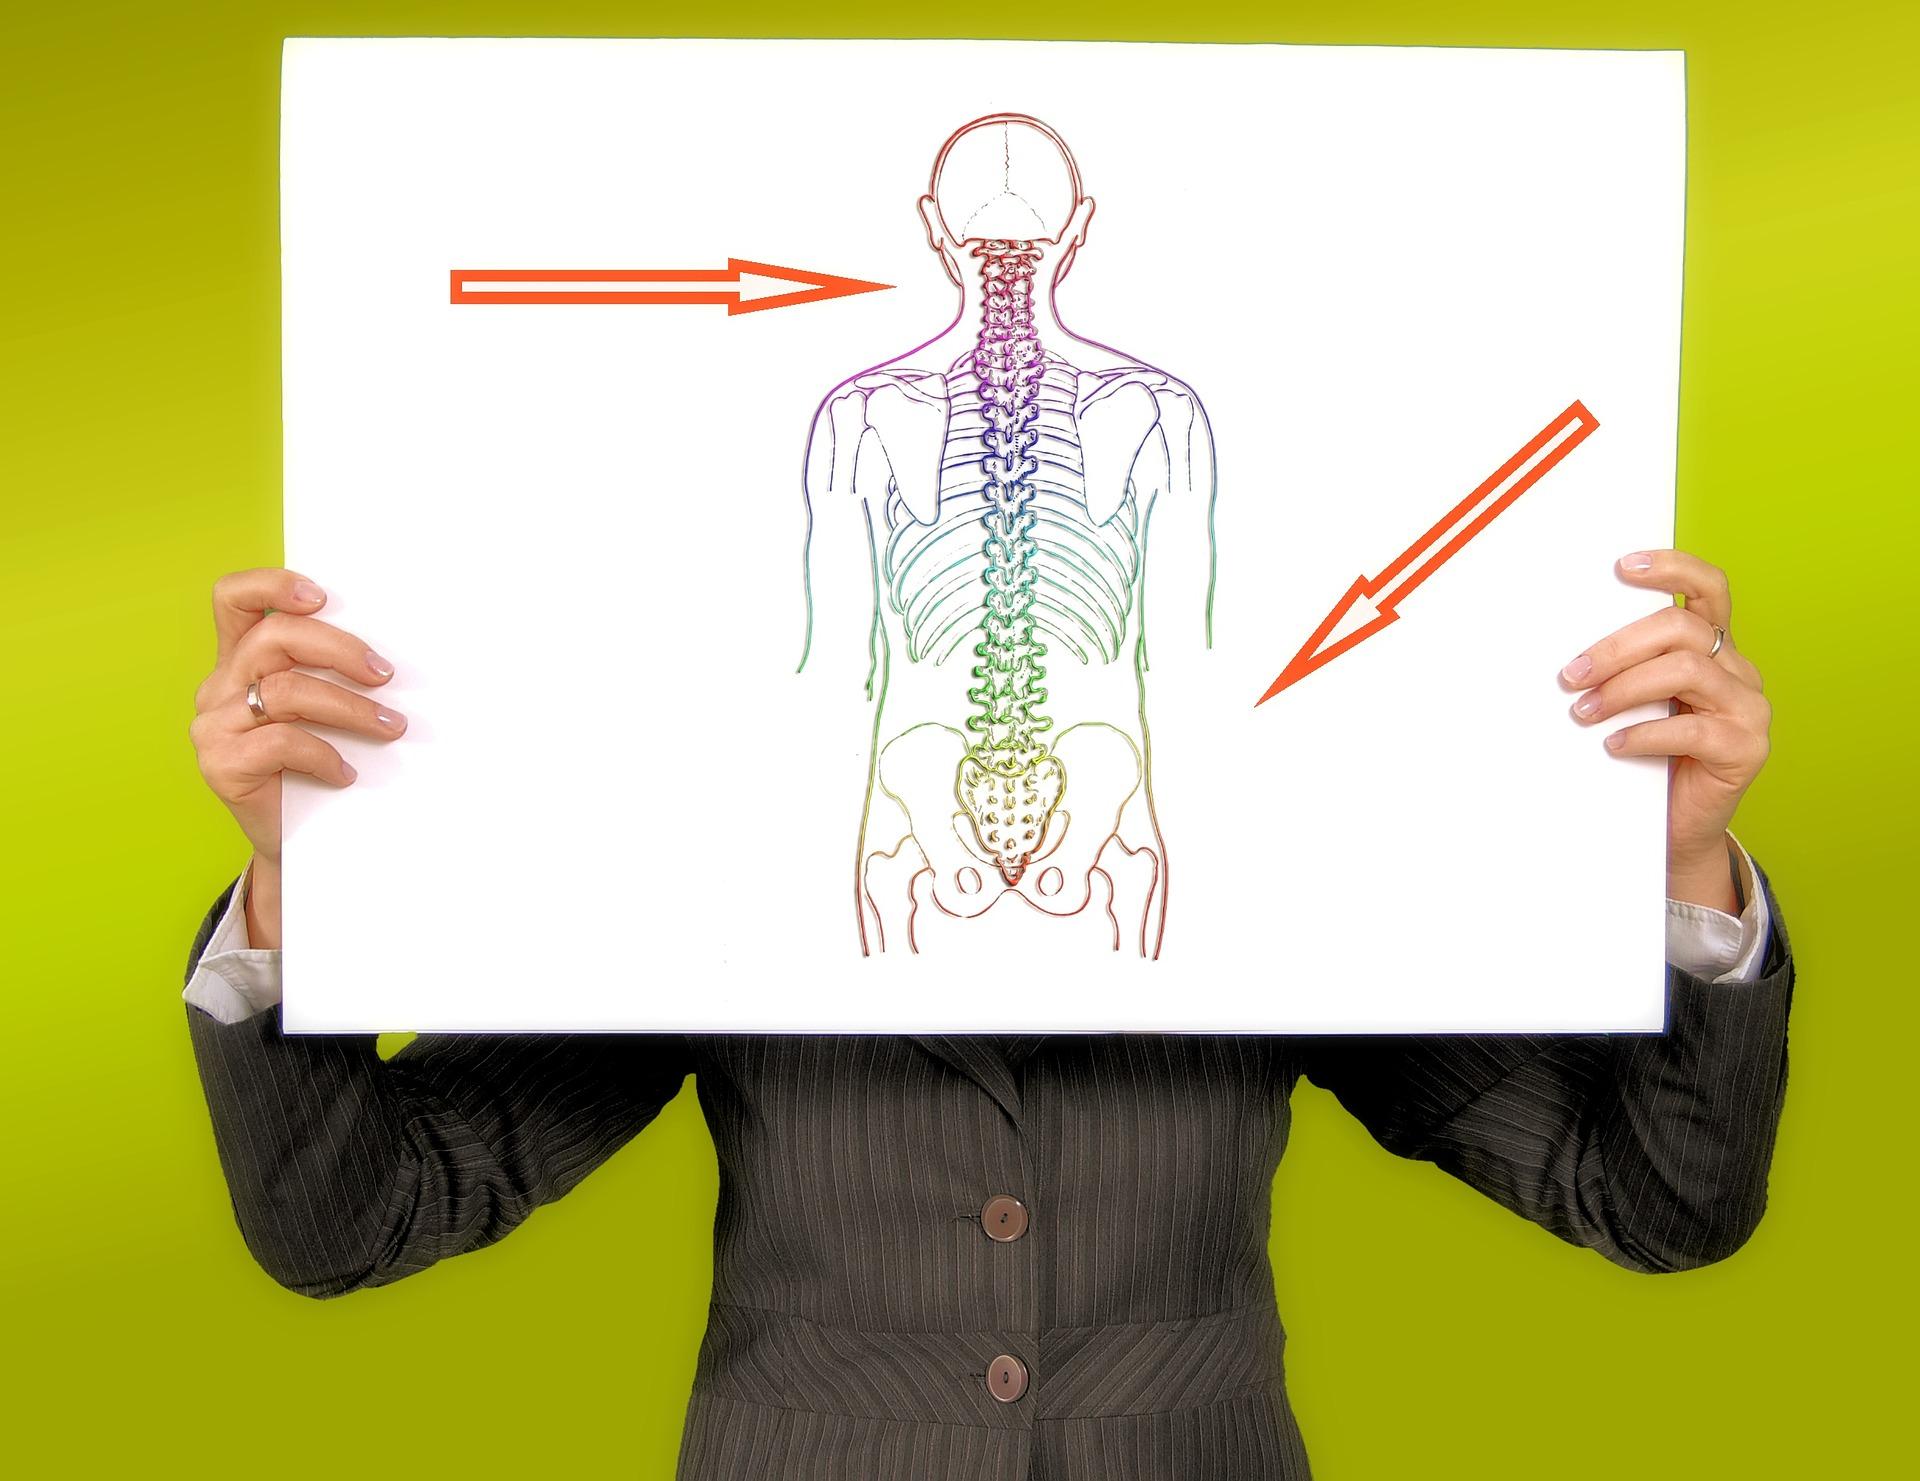 La colonna vertebrale: anatomia e concetti chiave